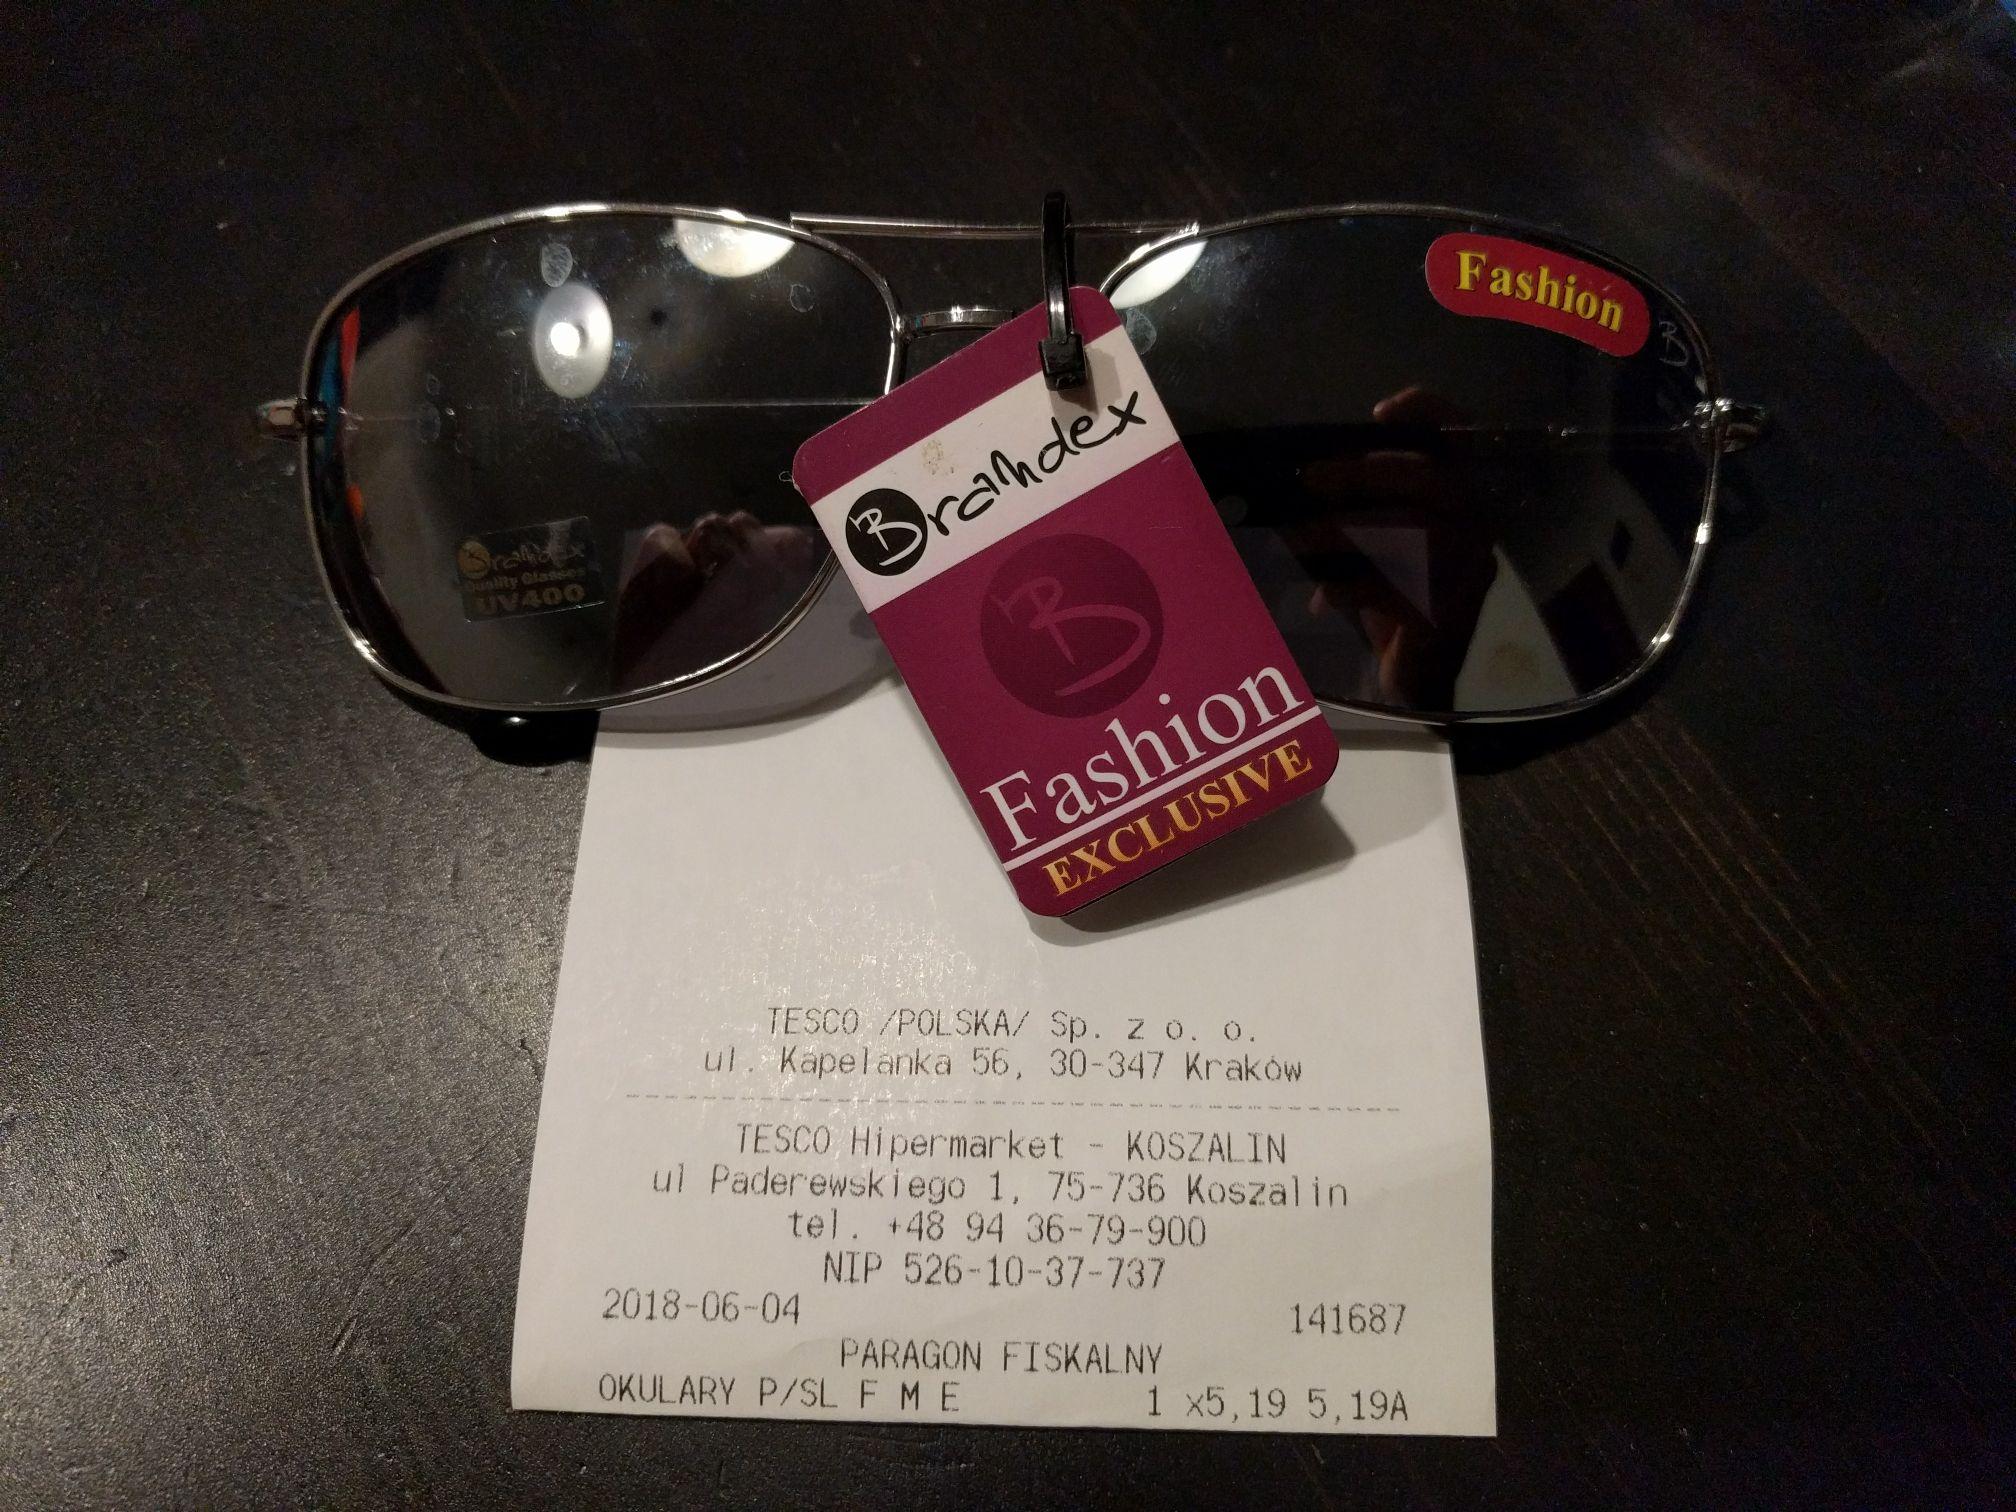 Okulary przeciwsłoneczne Tesco Koszalin